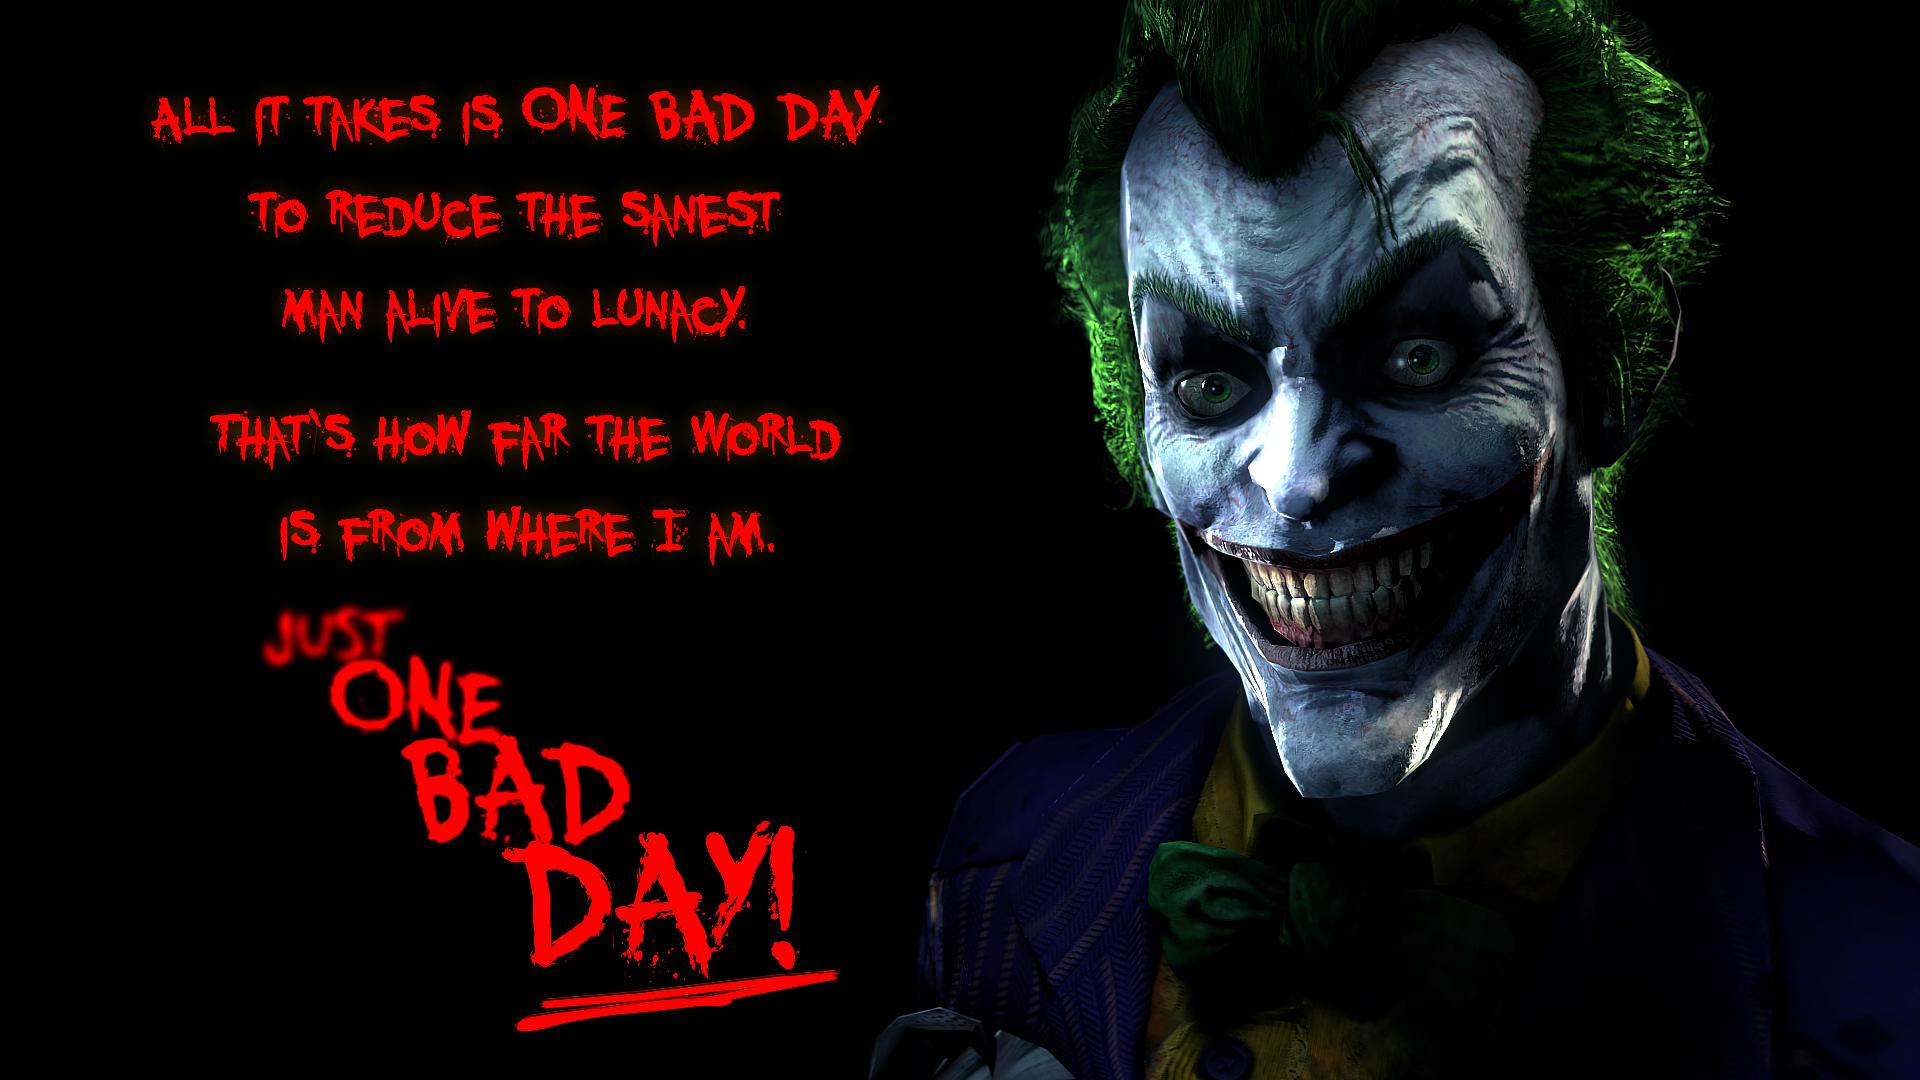 Joker Jokers The Joker and Harley Quinn 1920x1080